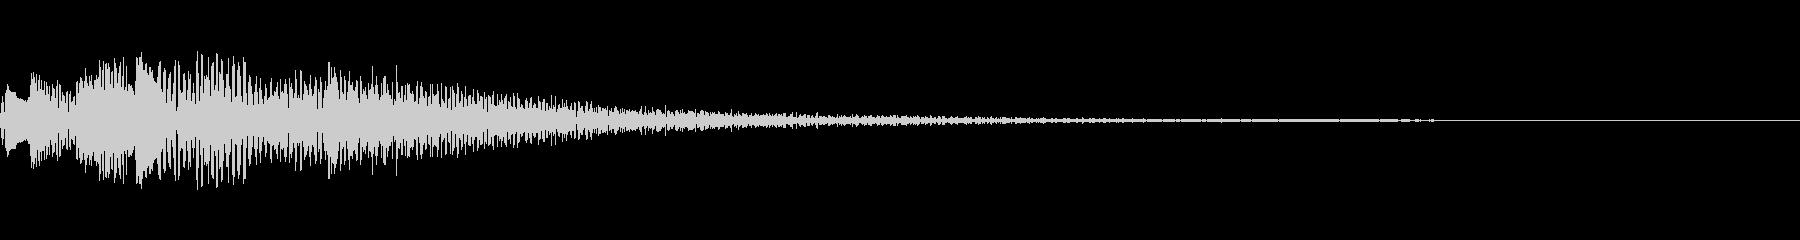 ハープ:降順コードアルペジオス、漫...の未再生の波形